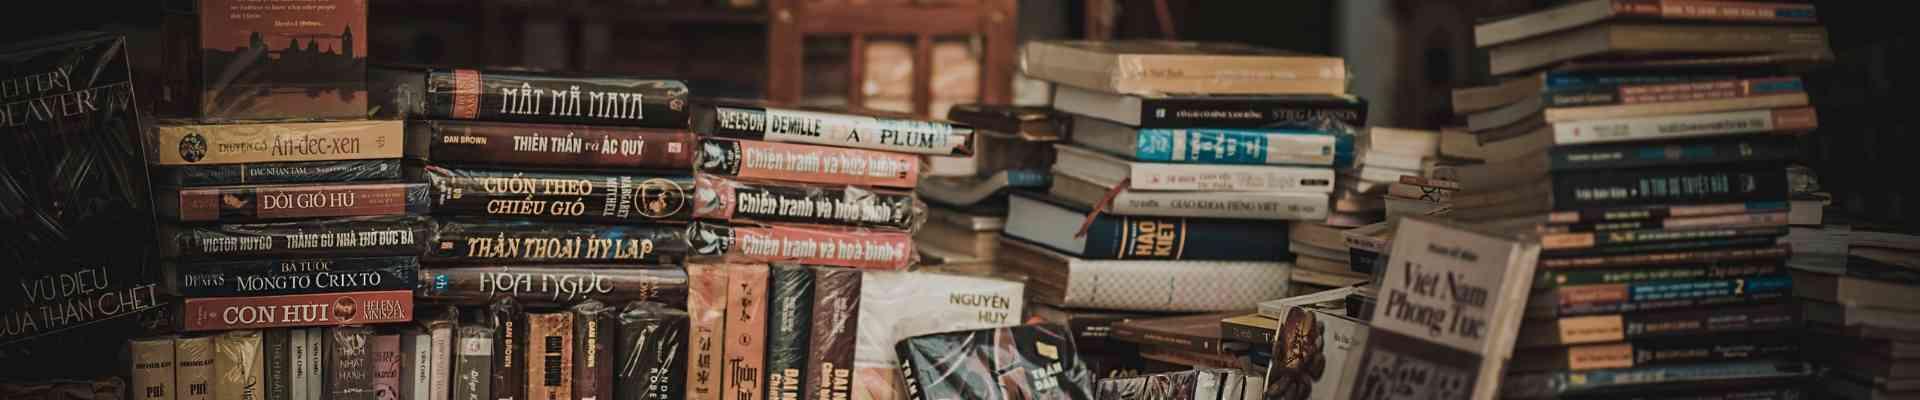 zdjęcie wyróżniające dla kategorii Książki WorldMaster